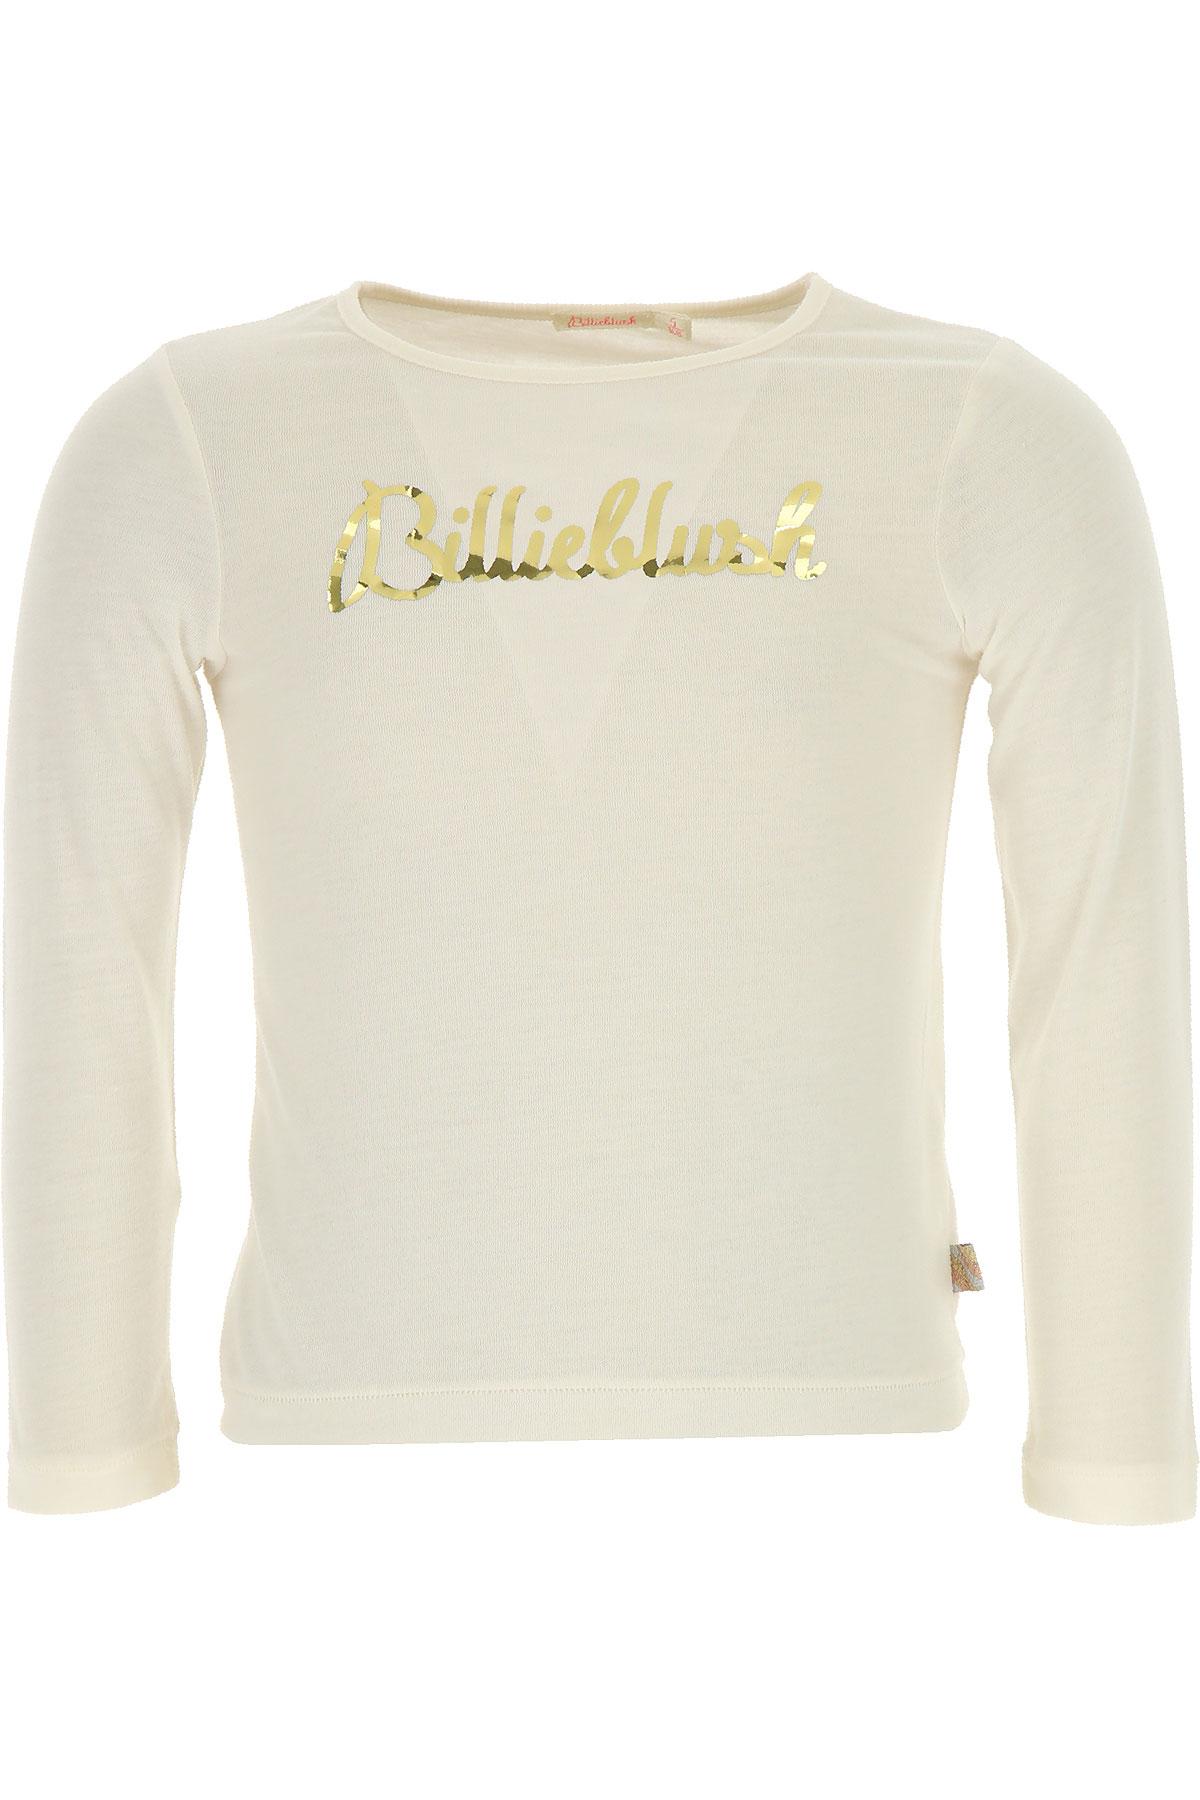 Image of Billieblush Kids T-Shirt for Girls, Ivory, polyester, 2017, 10Y 2Y 3Y 4Y 5Y 6Y 8Y